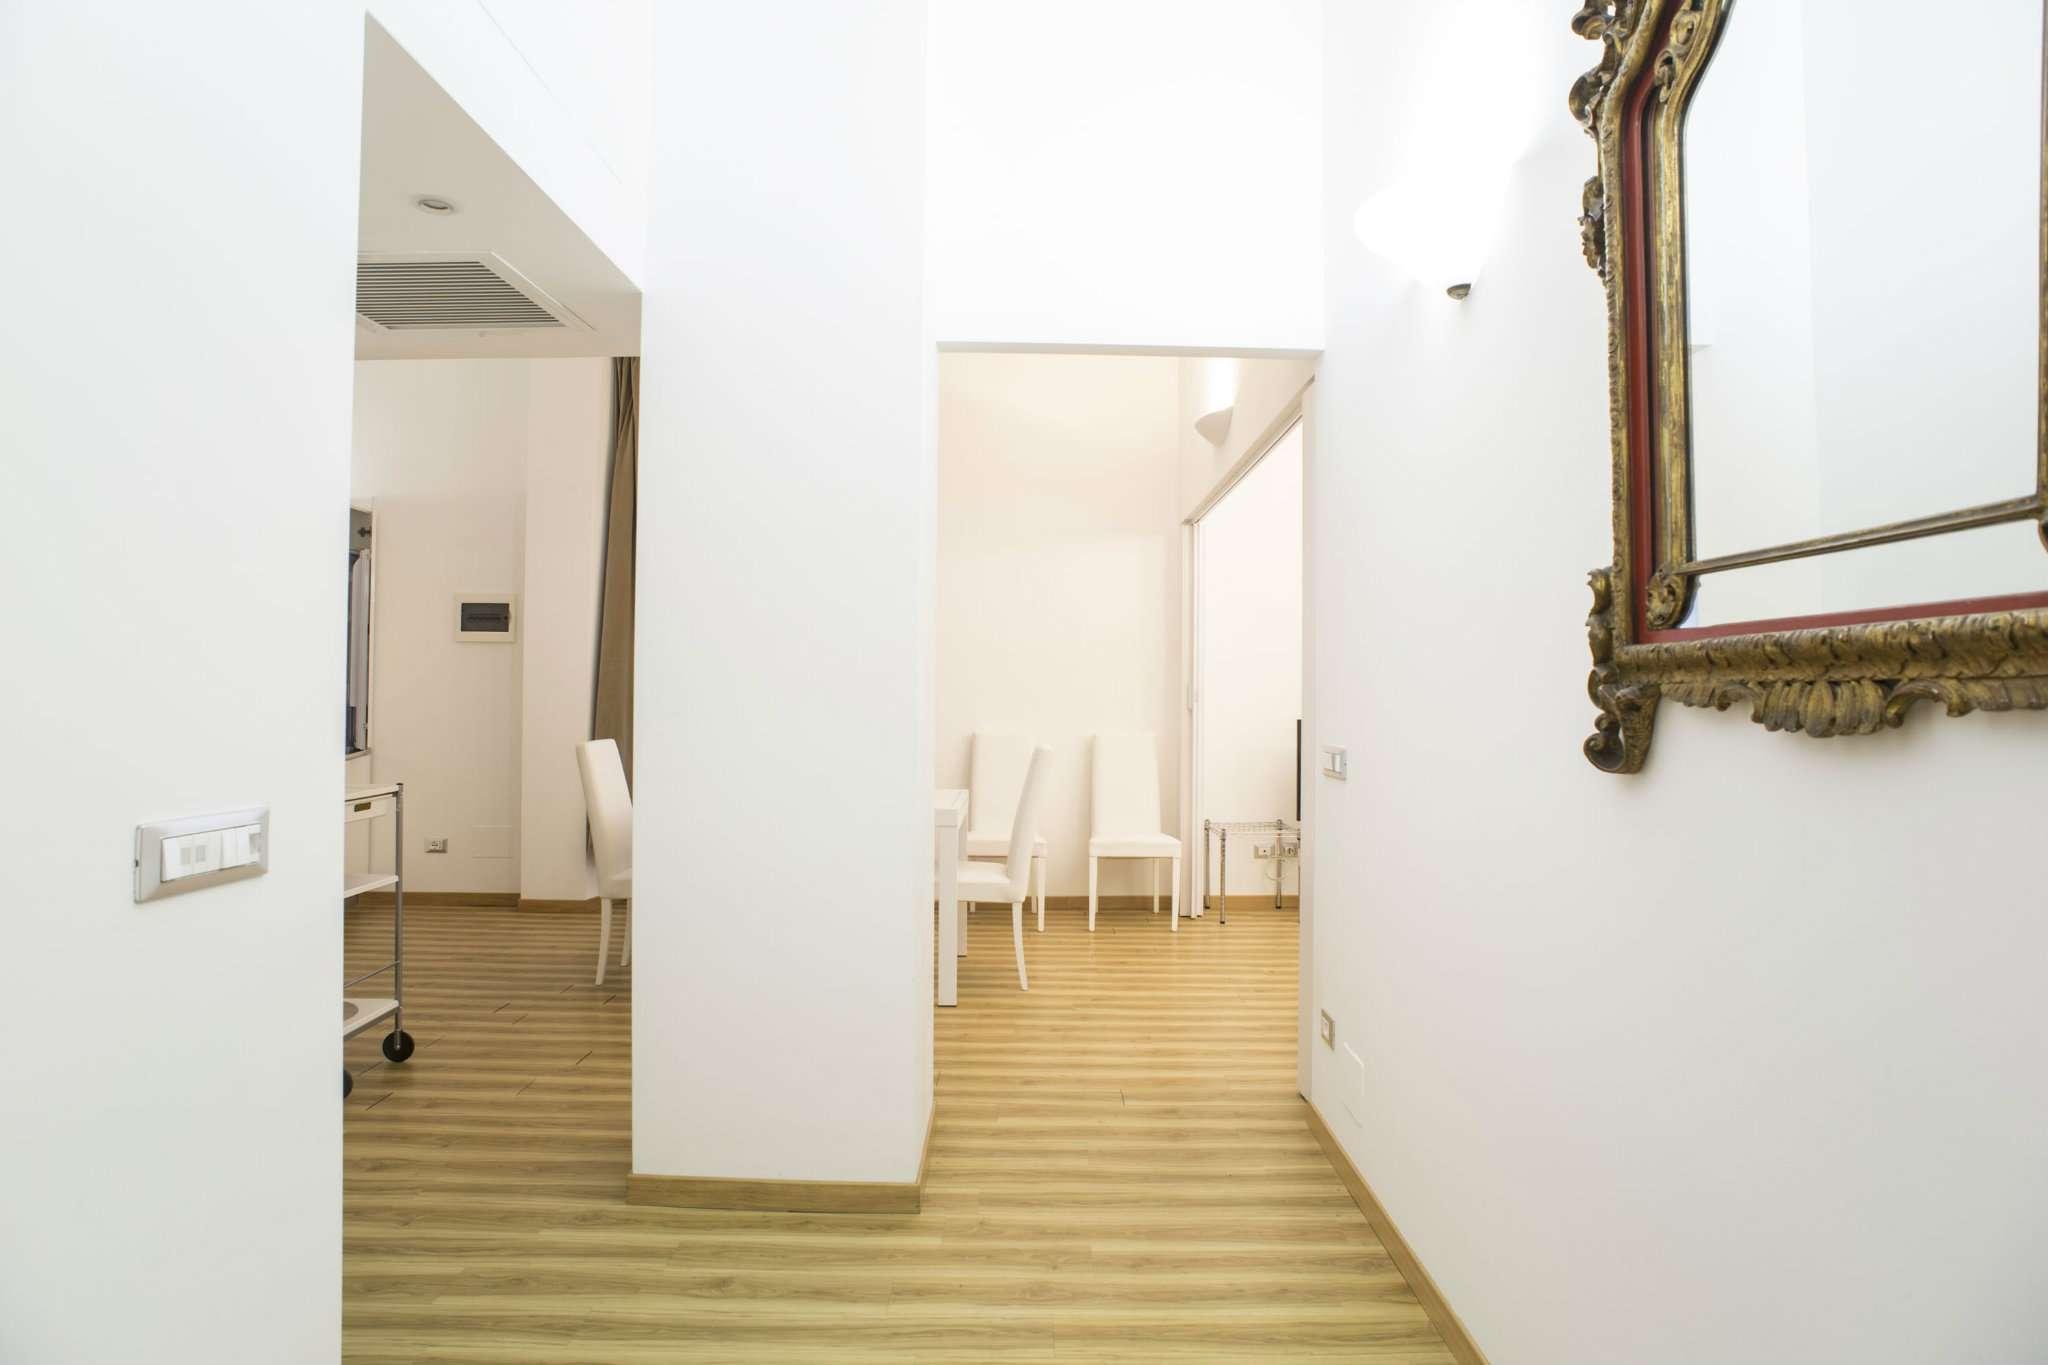 Appartamento in affitto a Milano, 3 locali, zona Zona: 1 . Centro Storico, Duomo, Brera, Cadorna, Cattolica, prezzo € 18.000 | Cambio Casa.it